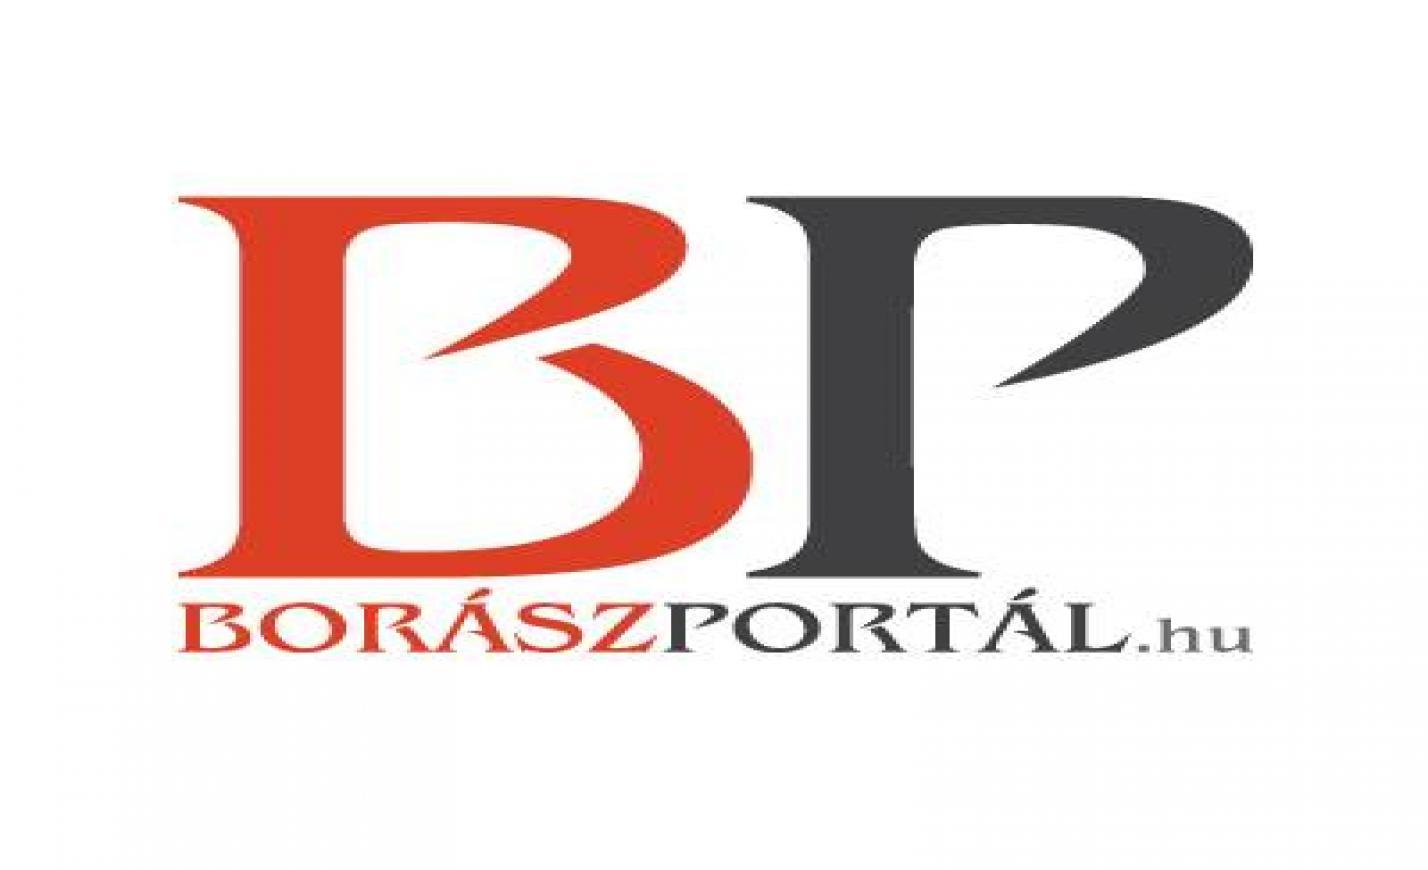 Somló lesz az idei Budapest Borfesztivál vendége